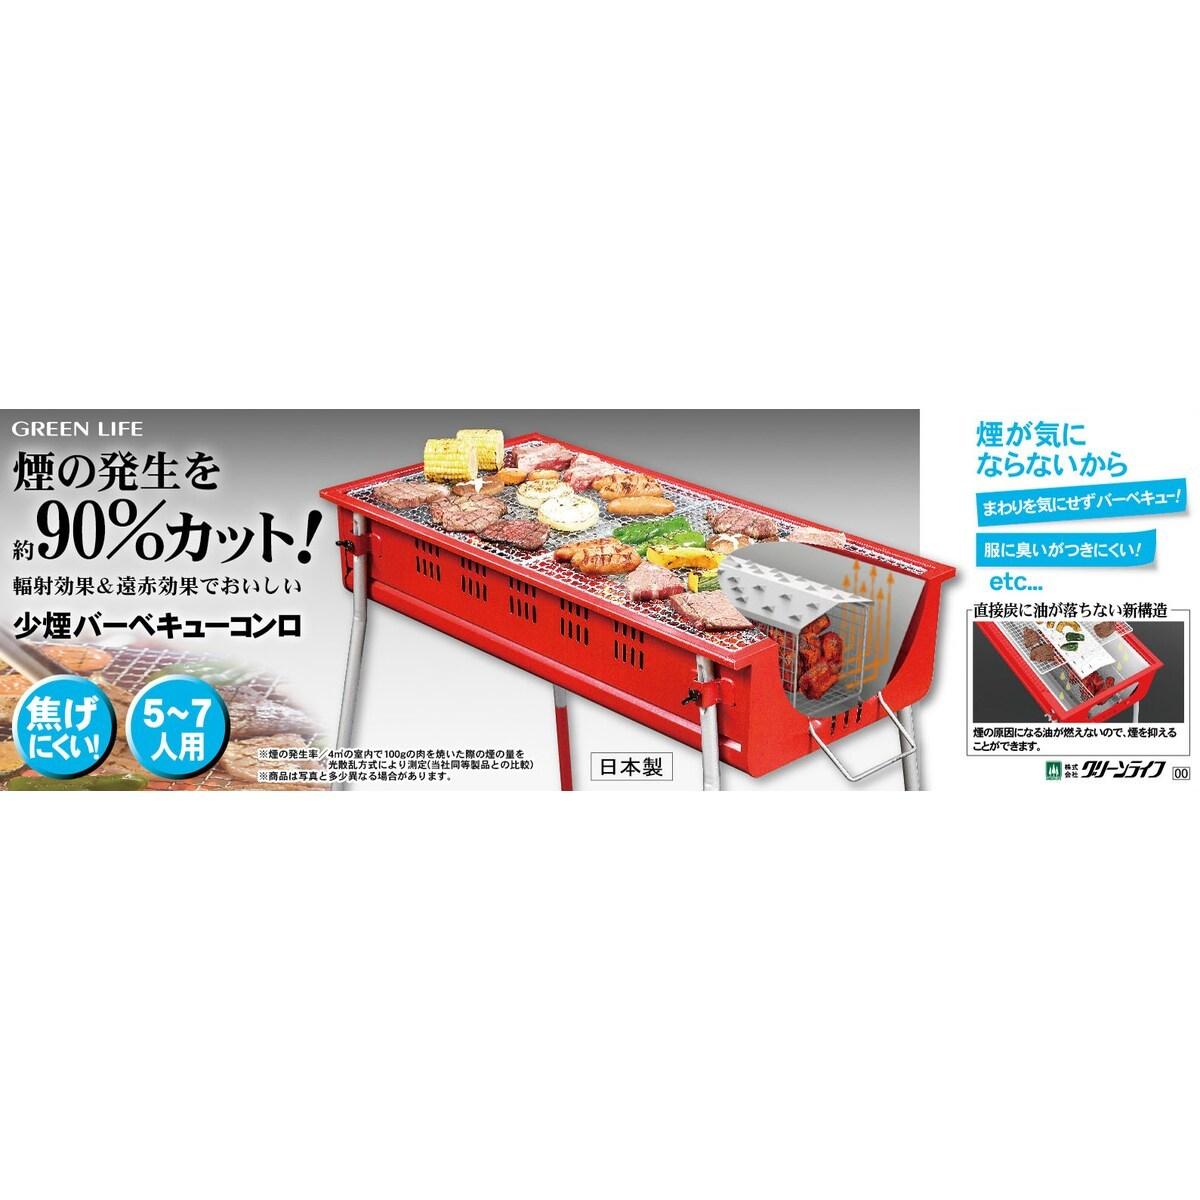 グリーンライフ 少煙バーベキューコンロ [鉄板付] CB-650S